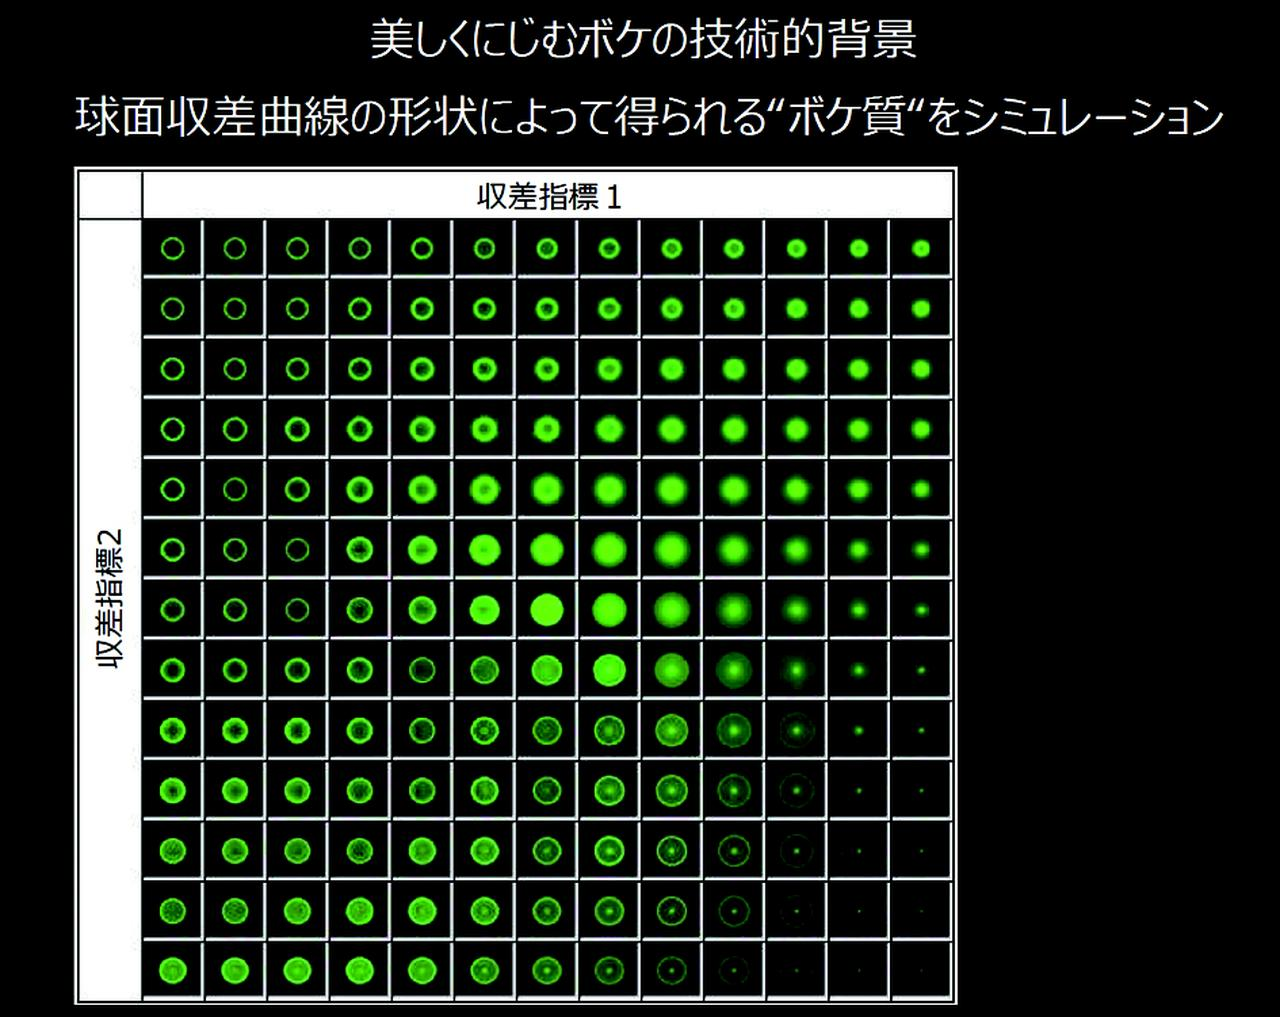 画像: ▲球面収差量のコントロールによってボケ味は変わる。ボケ味は輪郭の再現性により評価されることが多い。輪郭が2重にみえる2線ボケは嫌われるボケのひとつ。F1.2シリーズは輪郭が美しくにじむボケを目指した。ボケ味とシャープネスはトレードオフの関係があるので両者のバランスをとるのは難しいのだ。(赤城)